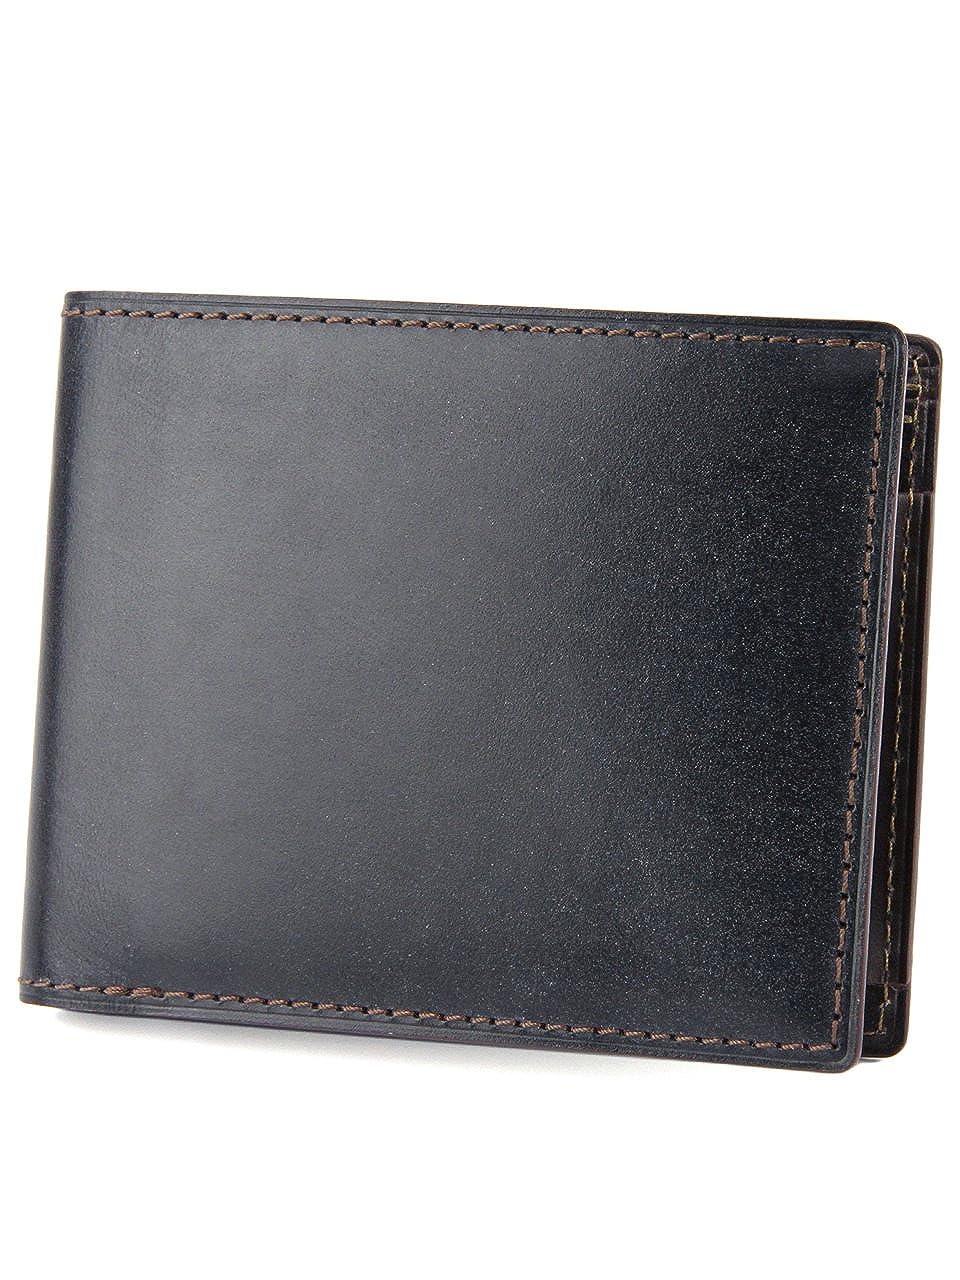 [エルゴポック] HERGOPOCH 二つ折り財布 BLW-WT2 ブライドルレザー Bridle Series ブライドルシリーズ B00YDQT666ブラック